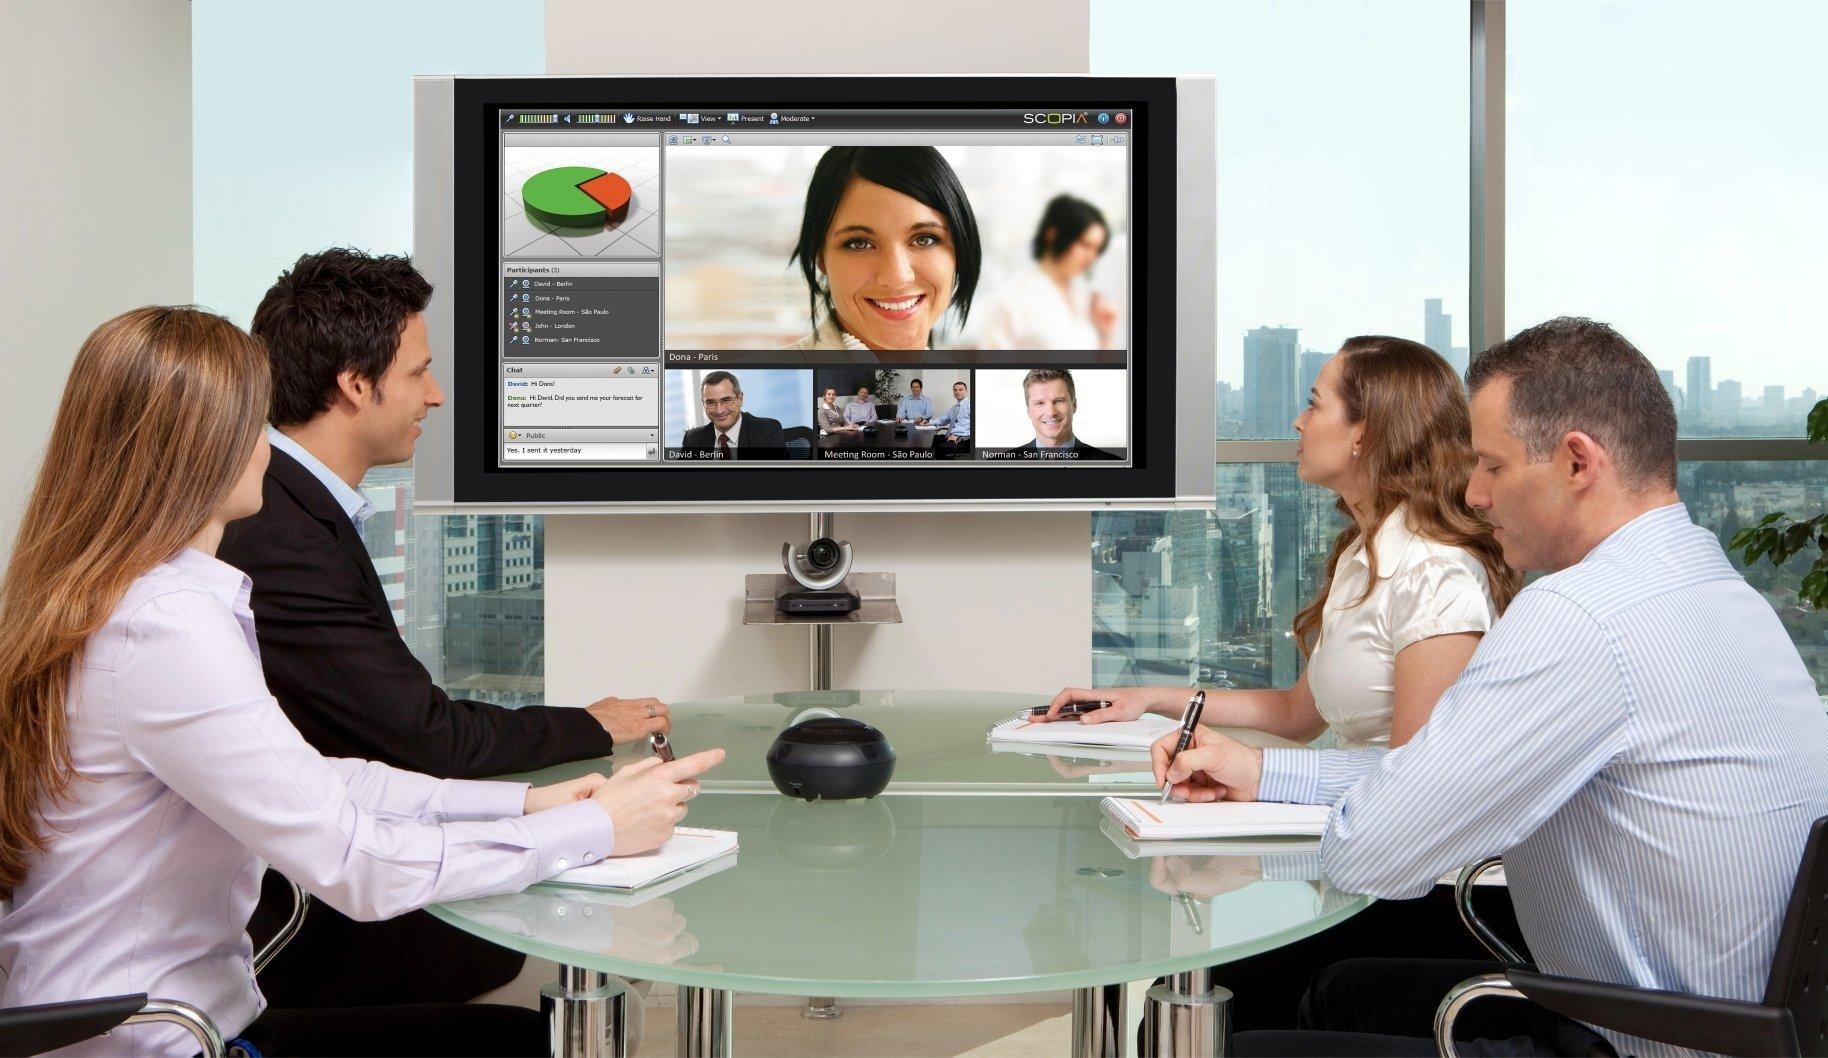 Интерактивное общение в офисе